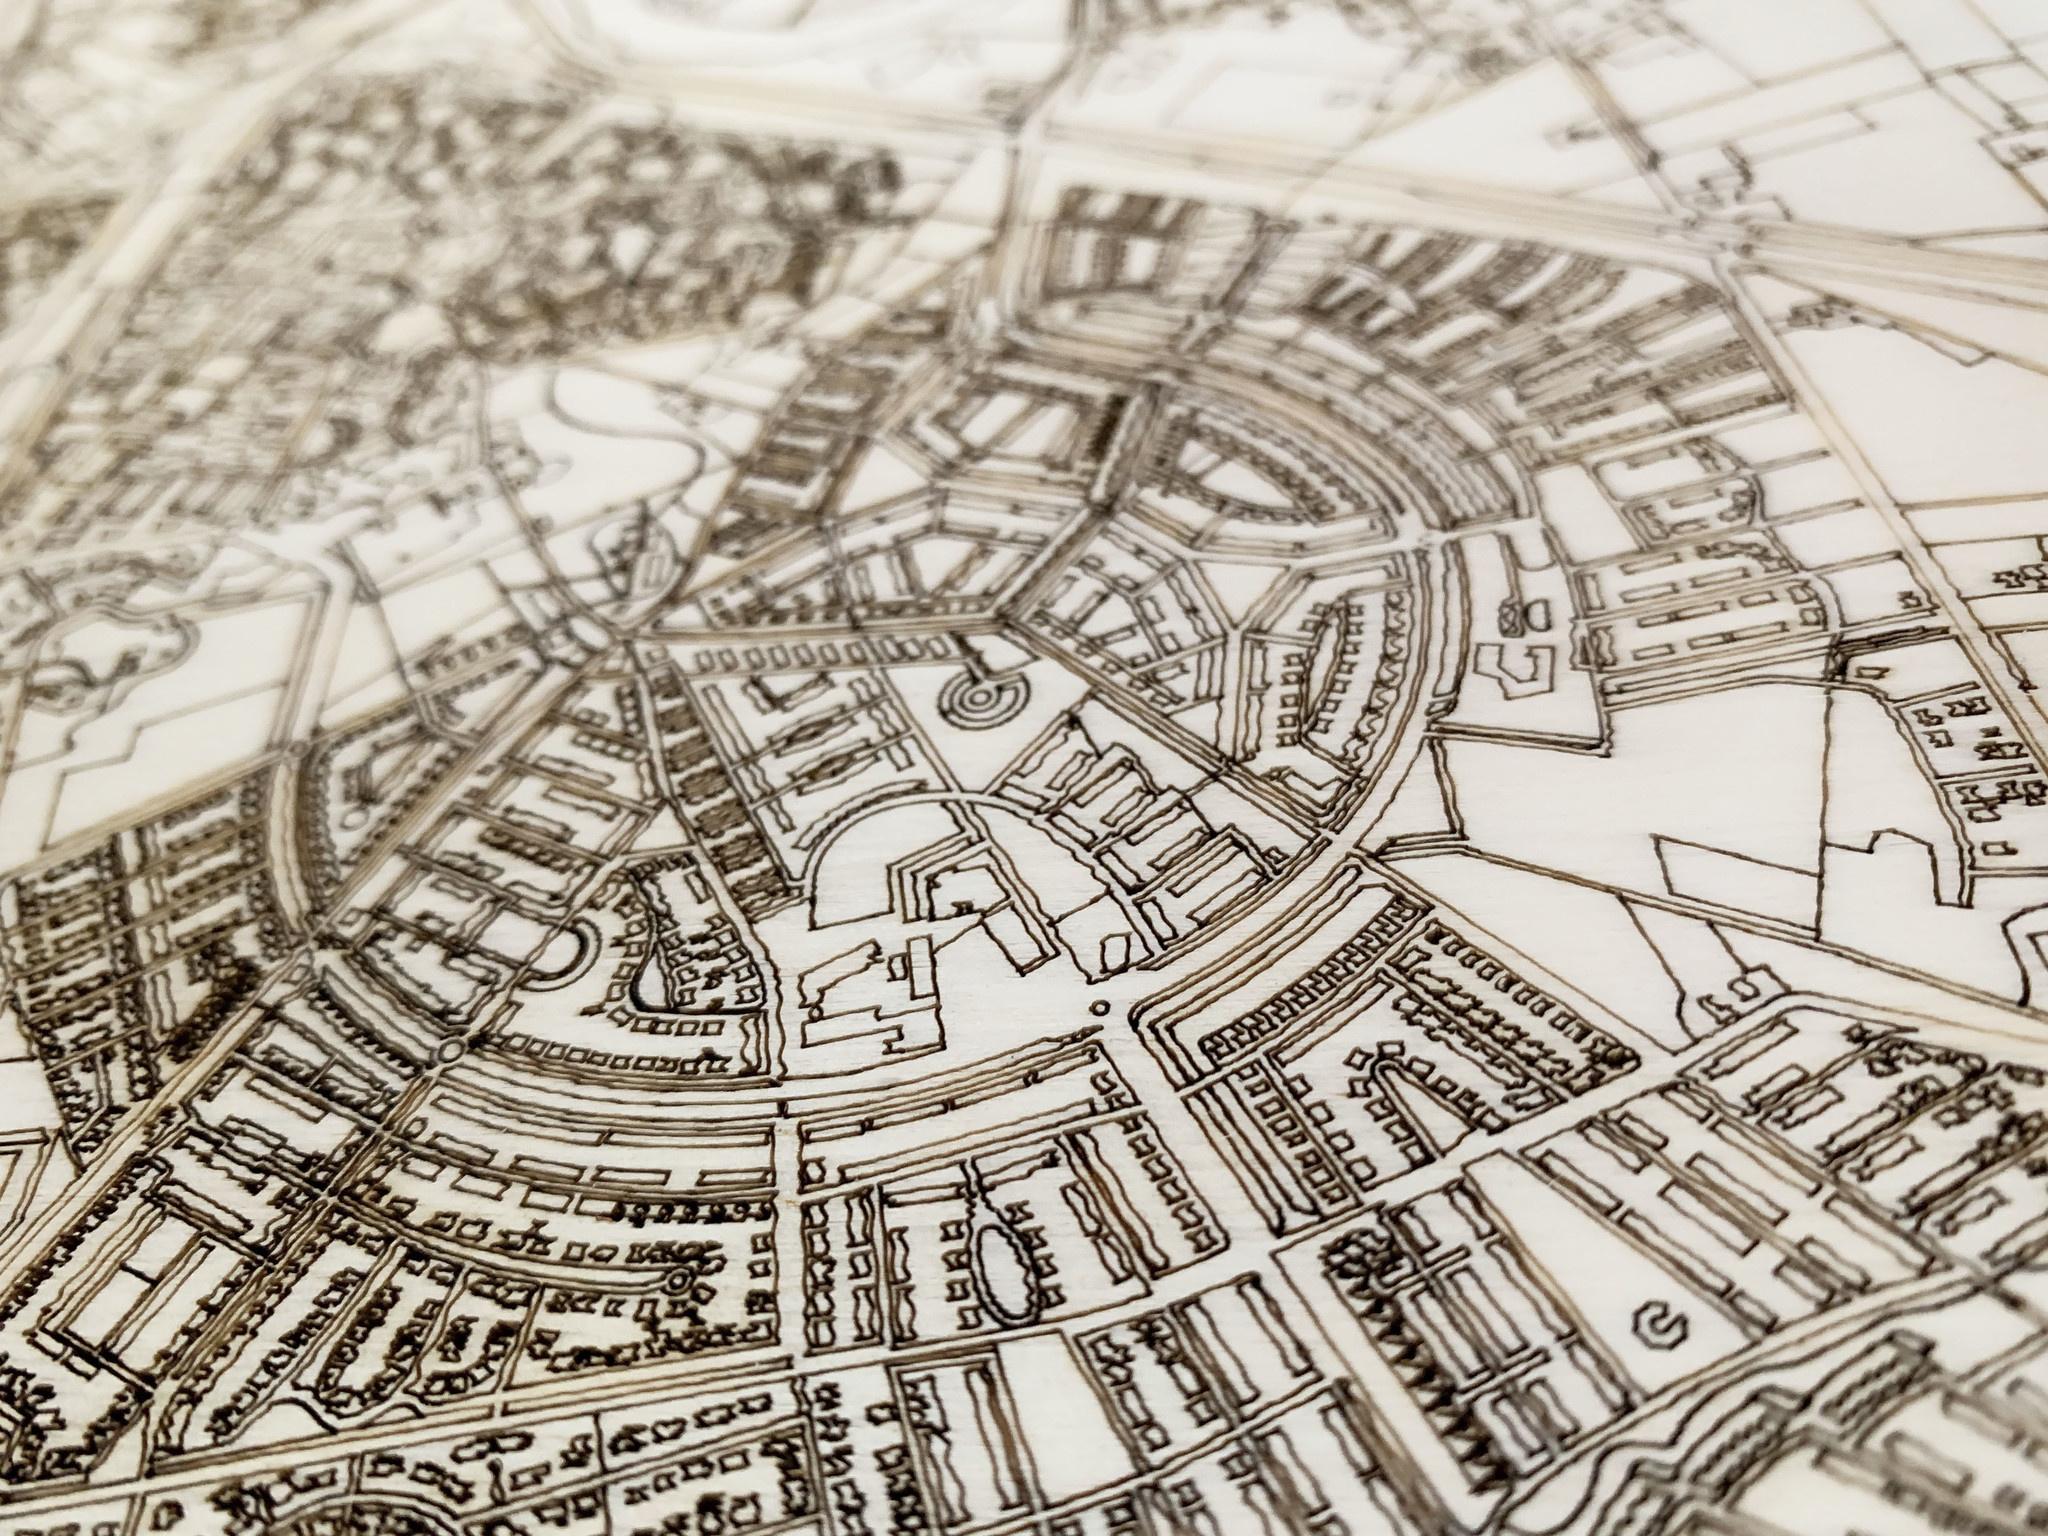 Stadtplan Medellin | Wanddekoration Holz-4